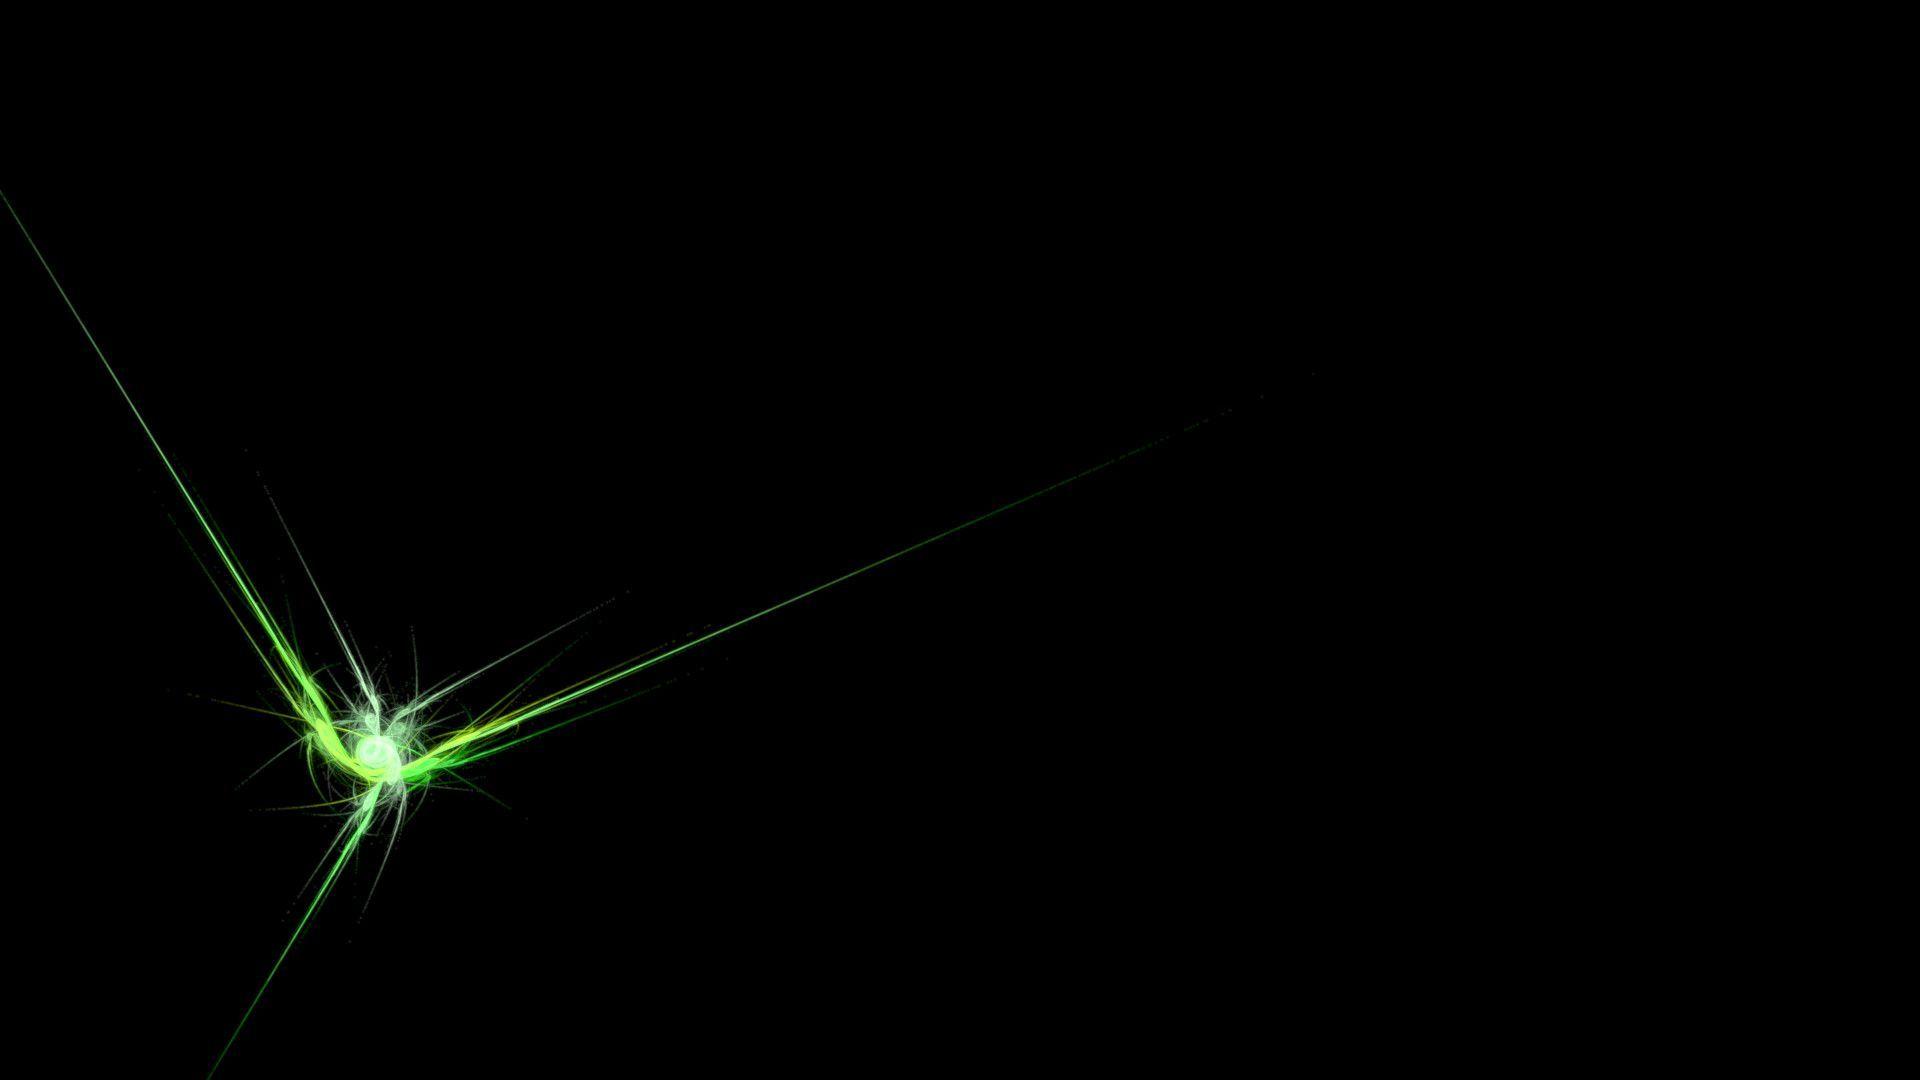 Neon Green Wallpapers - WallpaperSafari